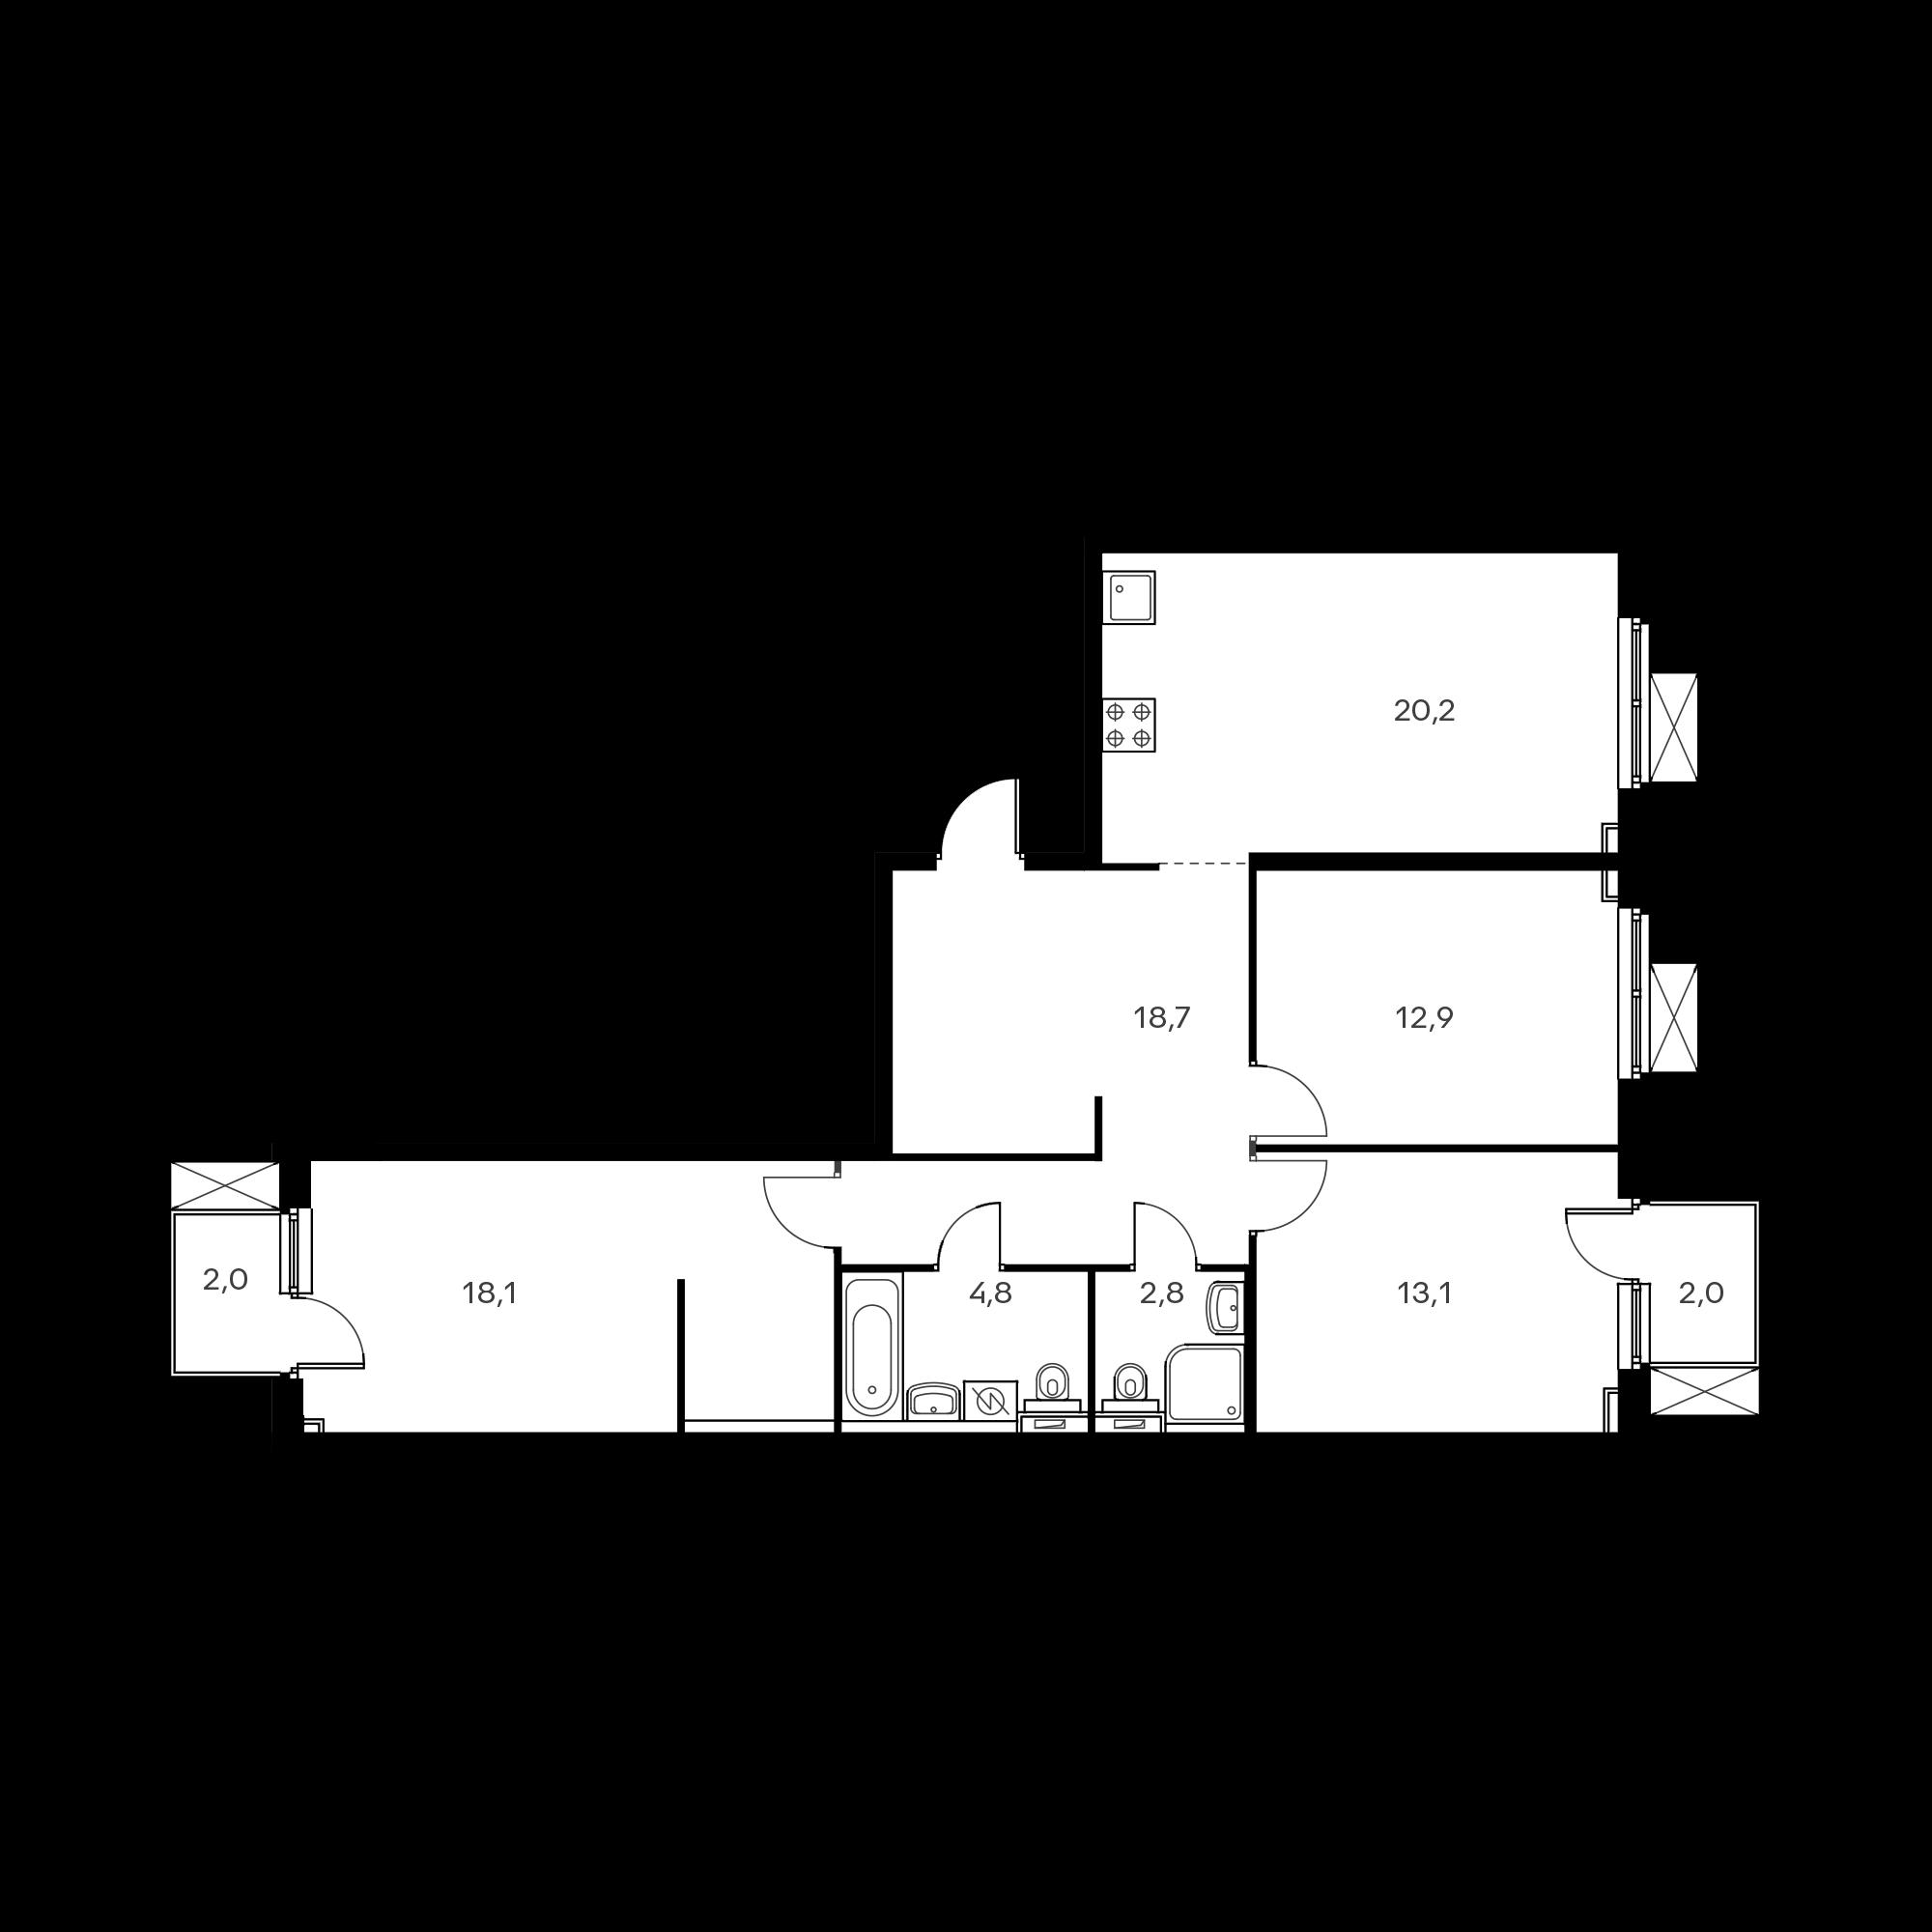 3EL3_10.2-1_T_B(R1-2,0)/B(R2-2,0)